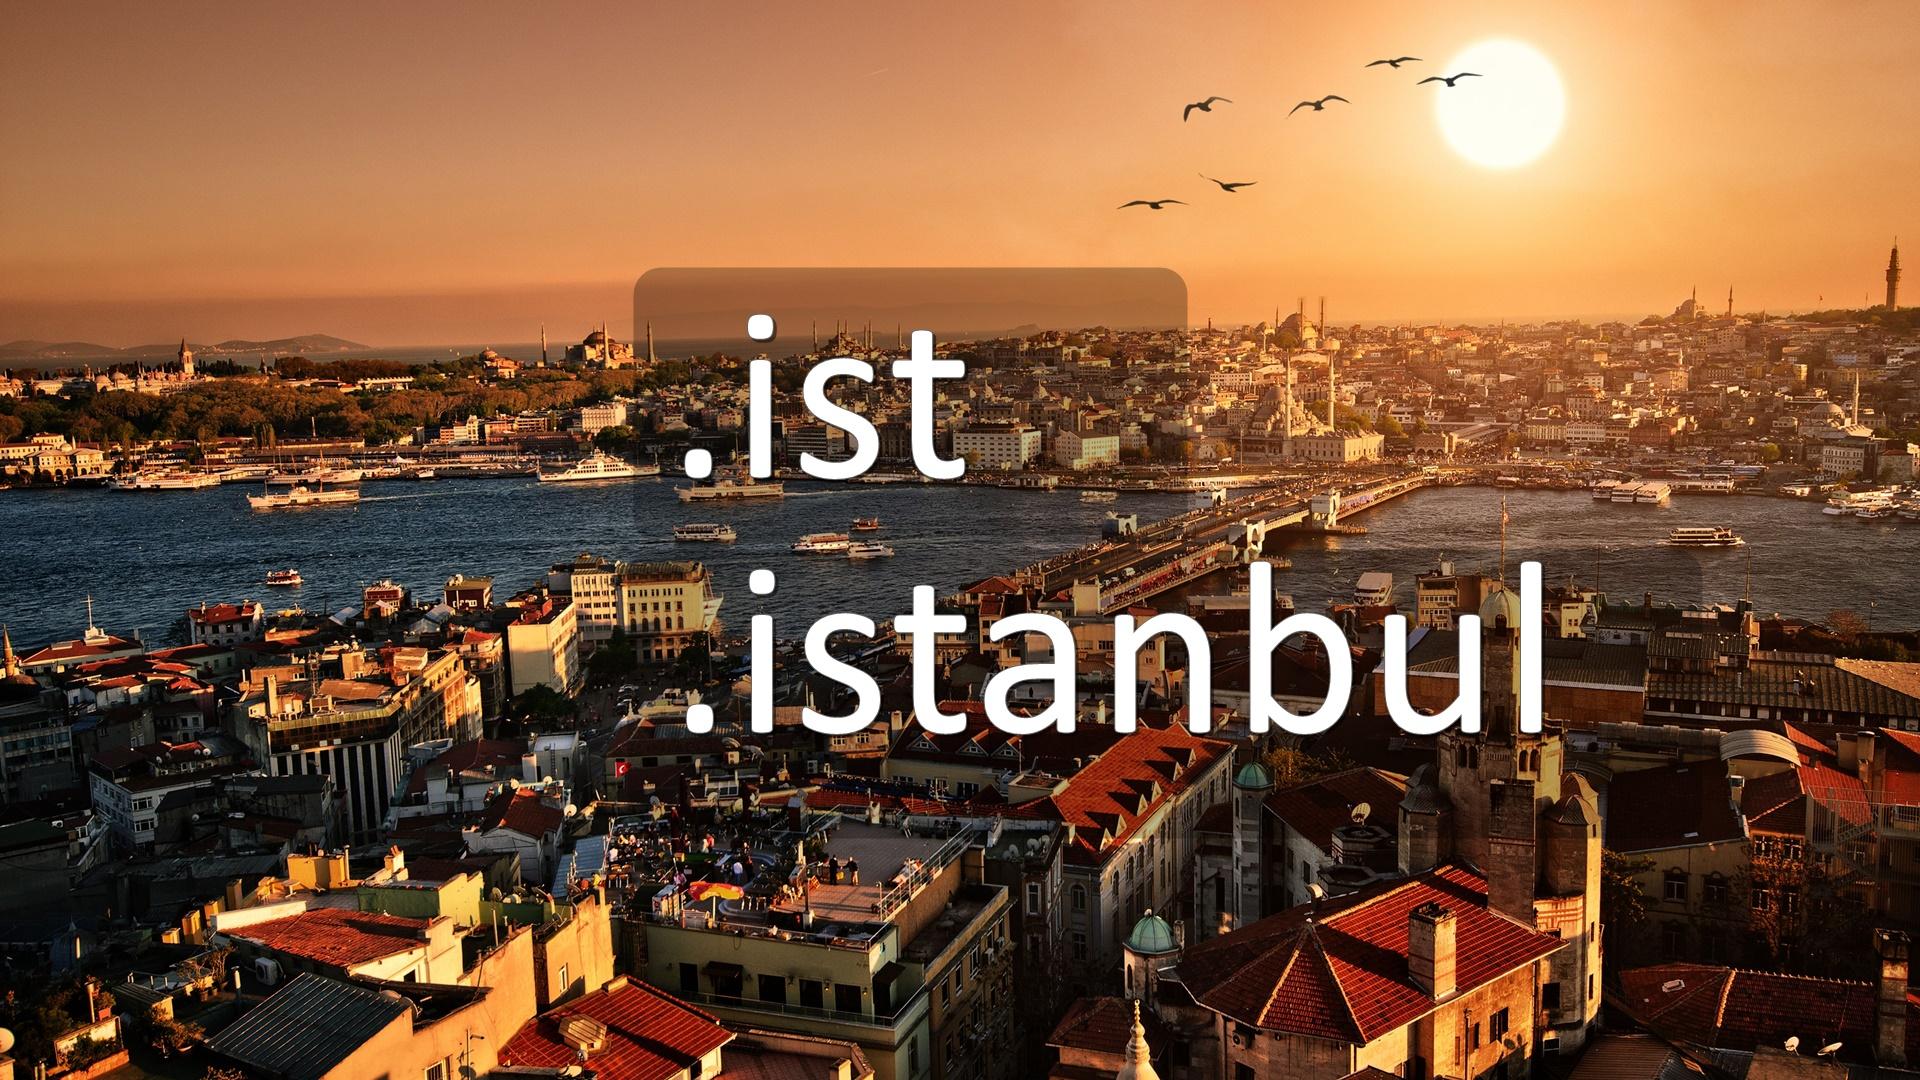 Profesyoneller ve Girişimciler için Yeni Fırsat: .ist ve .istanbul Domainleri